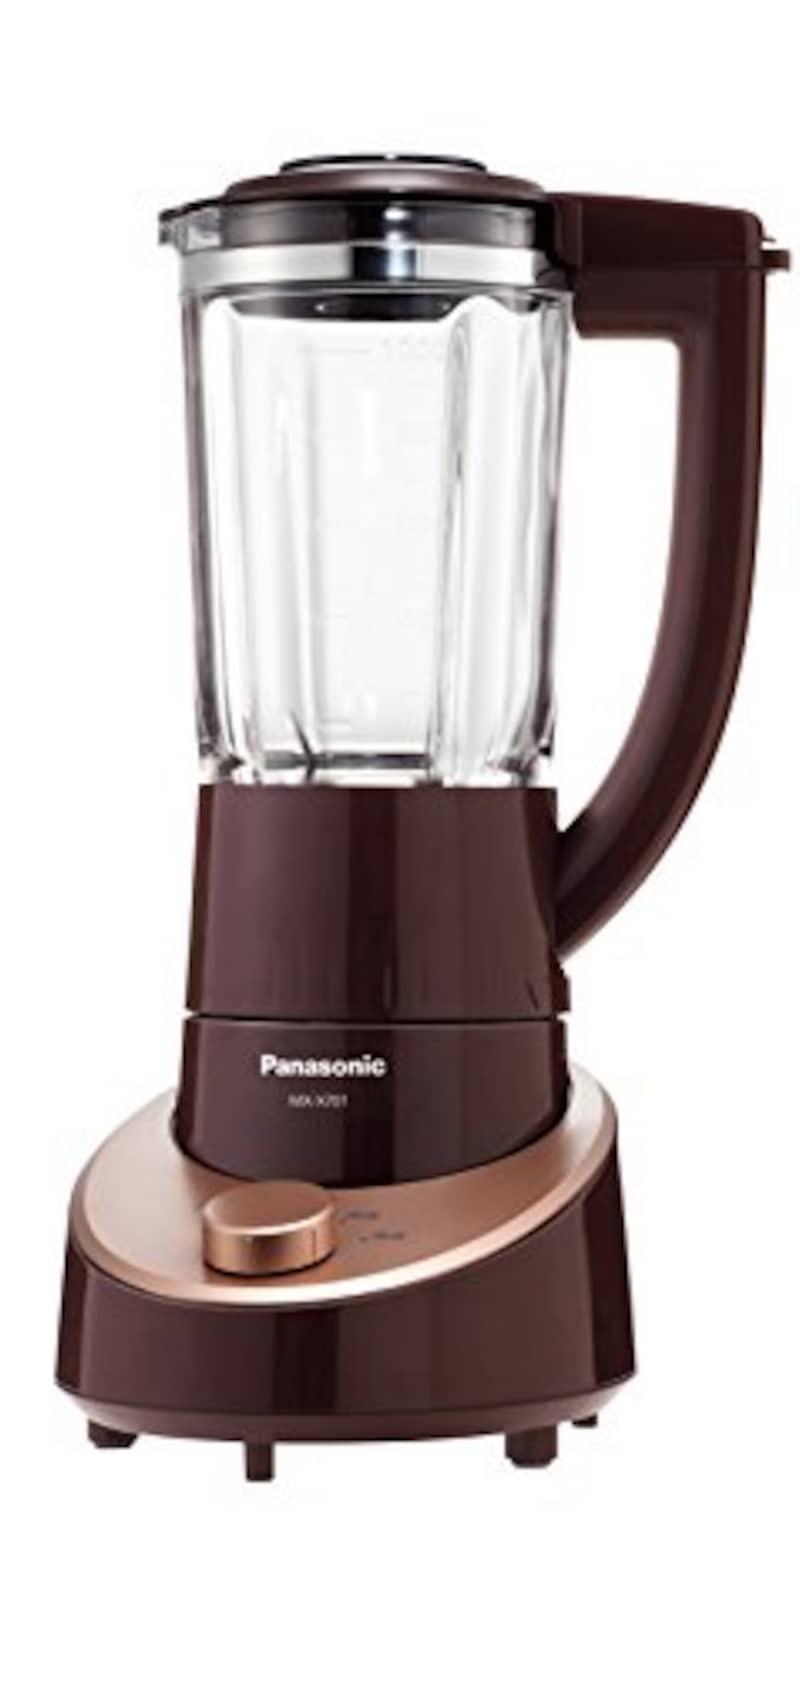 パナソニック(Panasonic),ミキサー,MX-X701-T